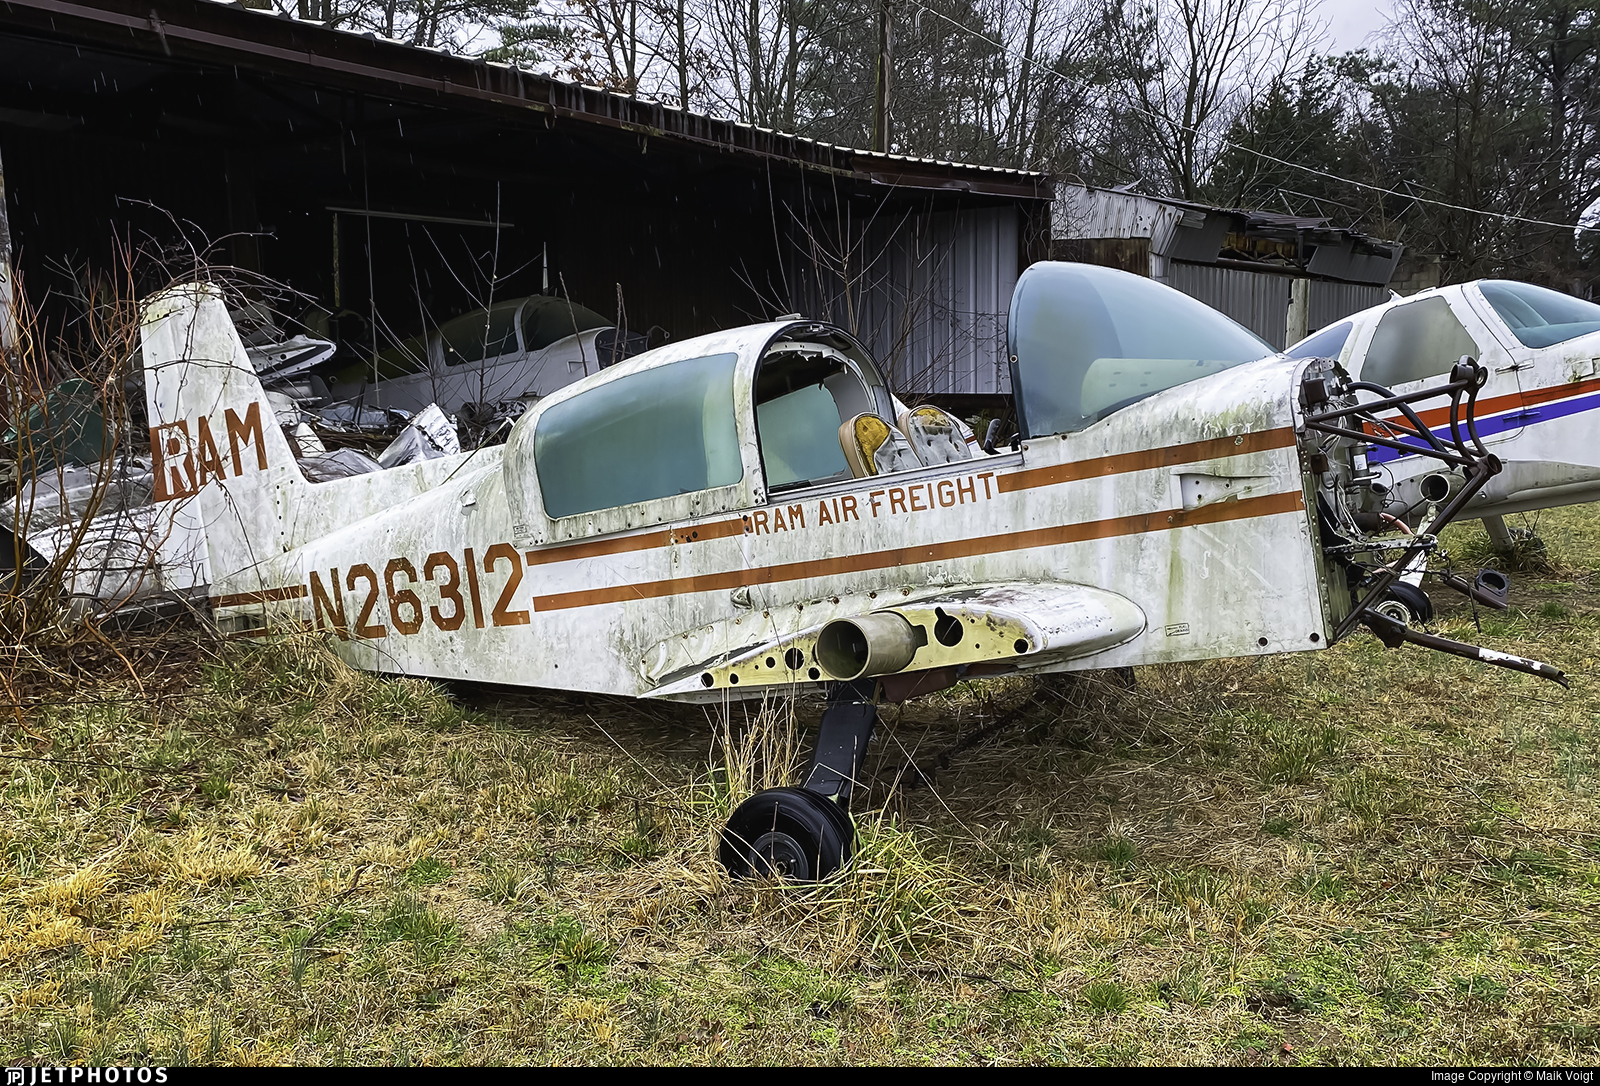 N26312 - Grumman American AA-5A Cheetah - Ram Air Freight